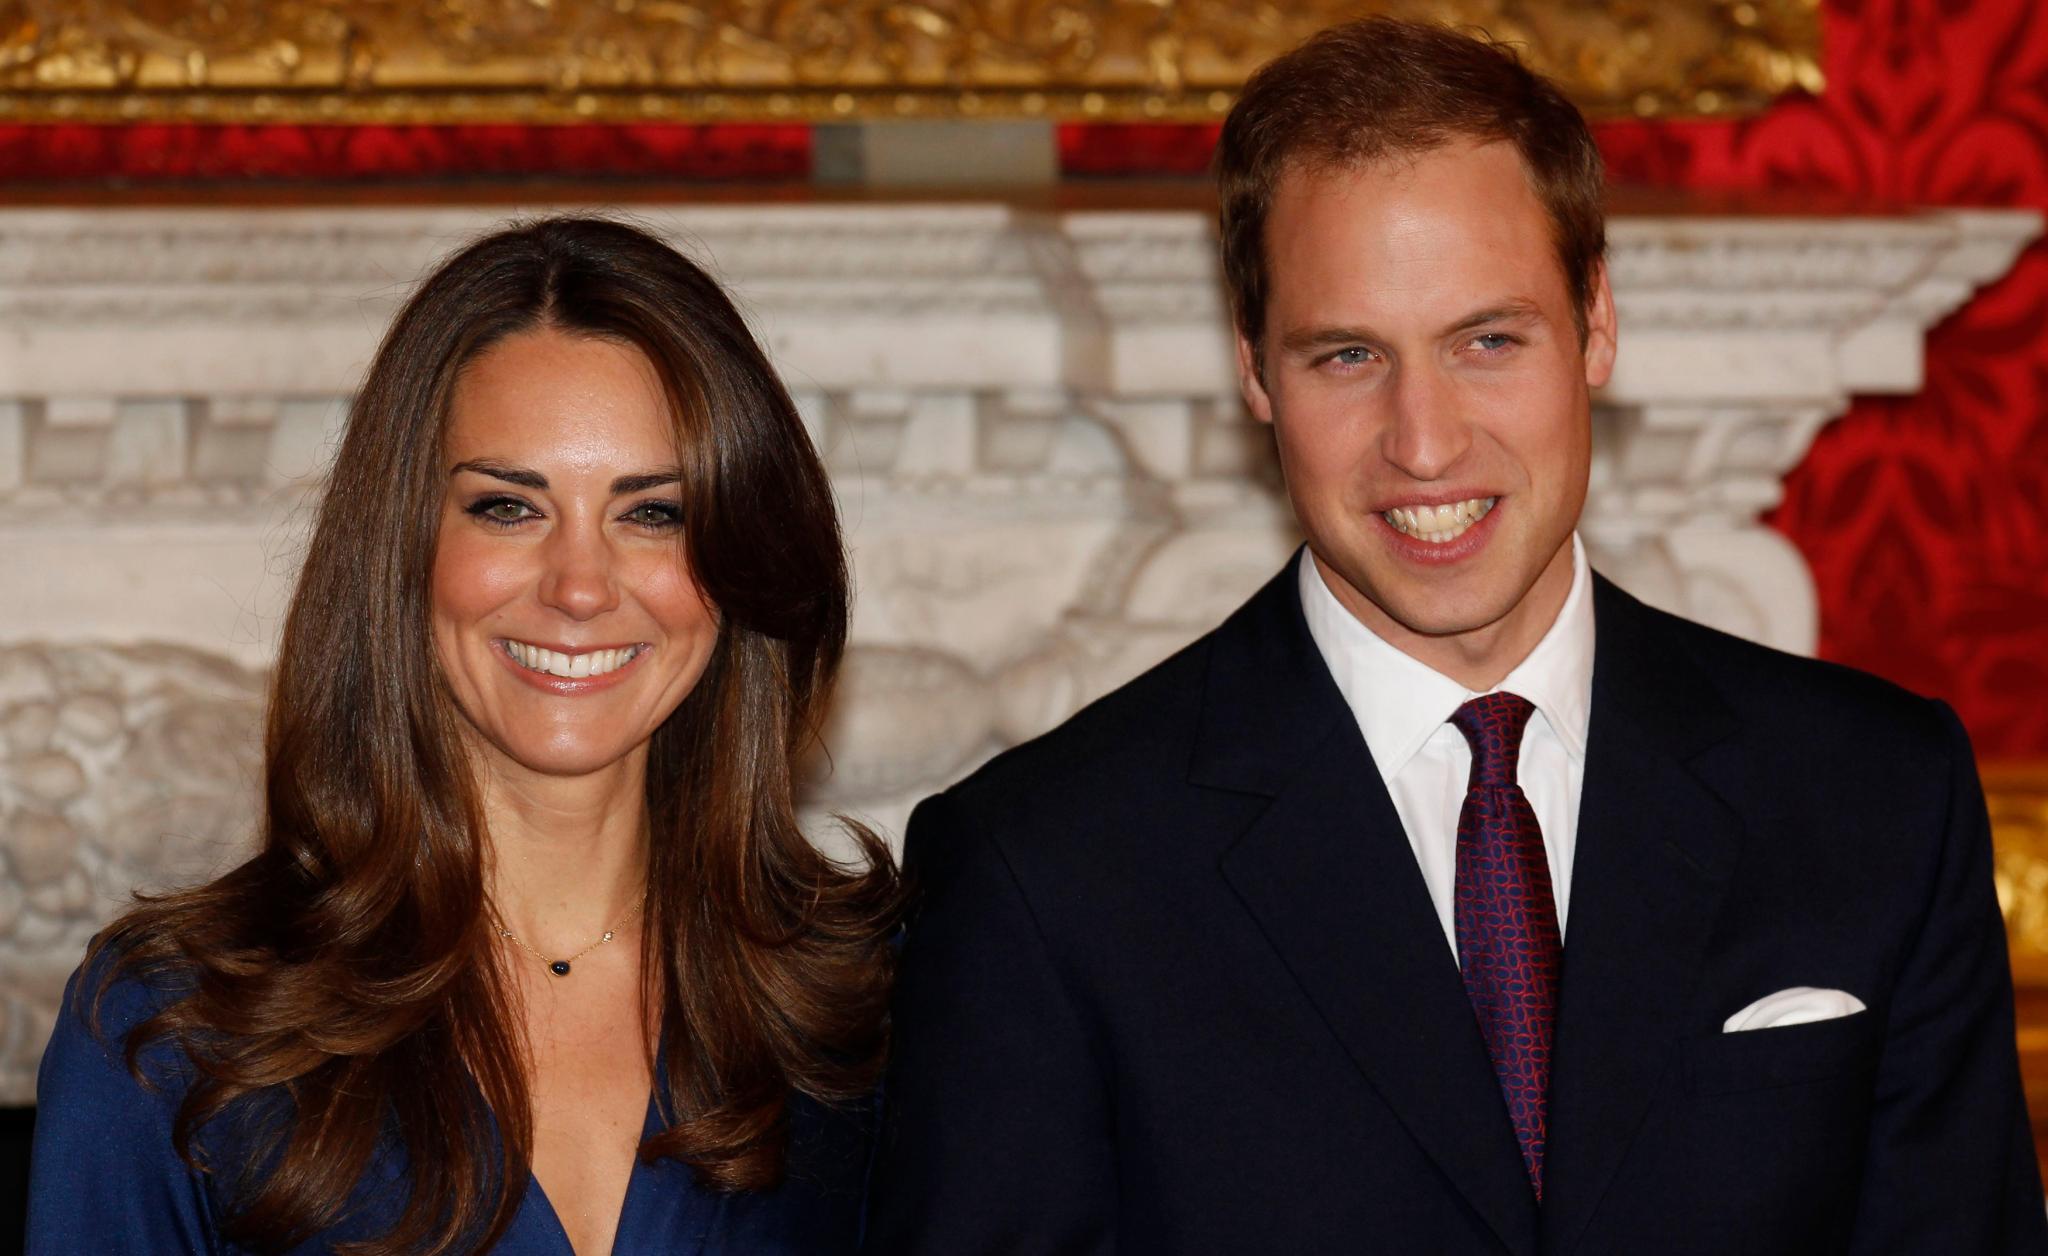 """Solche Fotos wünschen sich viele royale Fans bald auch von Prinz Harry: Sein Bruder William zeigt sich am 16. November 2010 mit seiner Verlobten Kate Middleton im """"St. James Palace""""."""